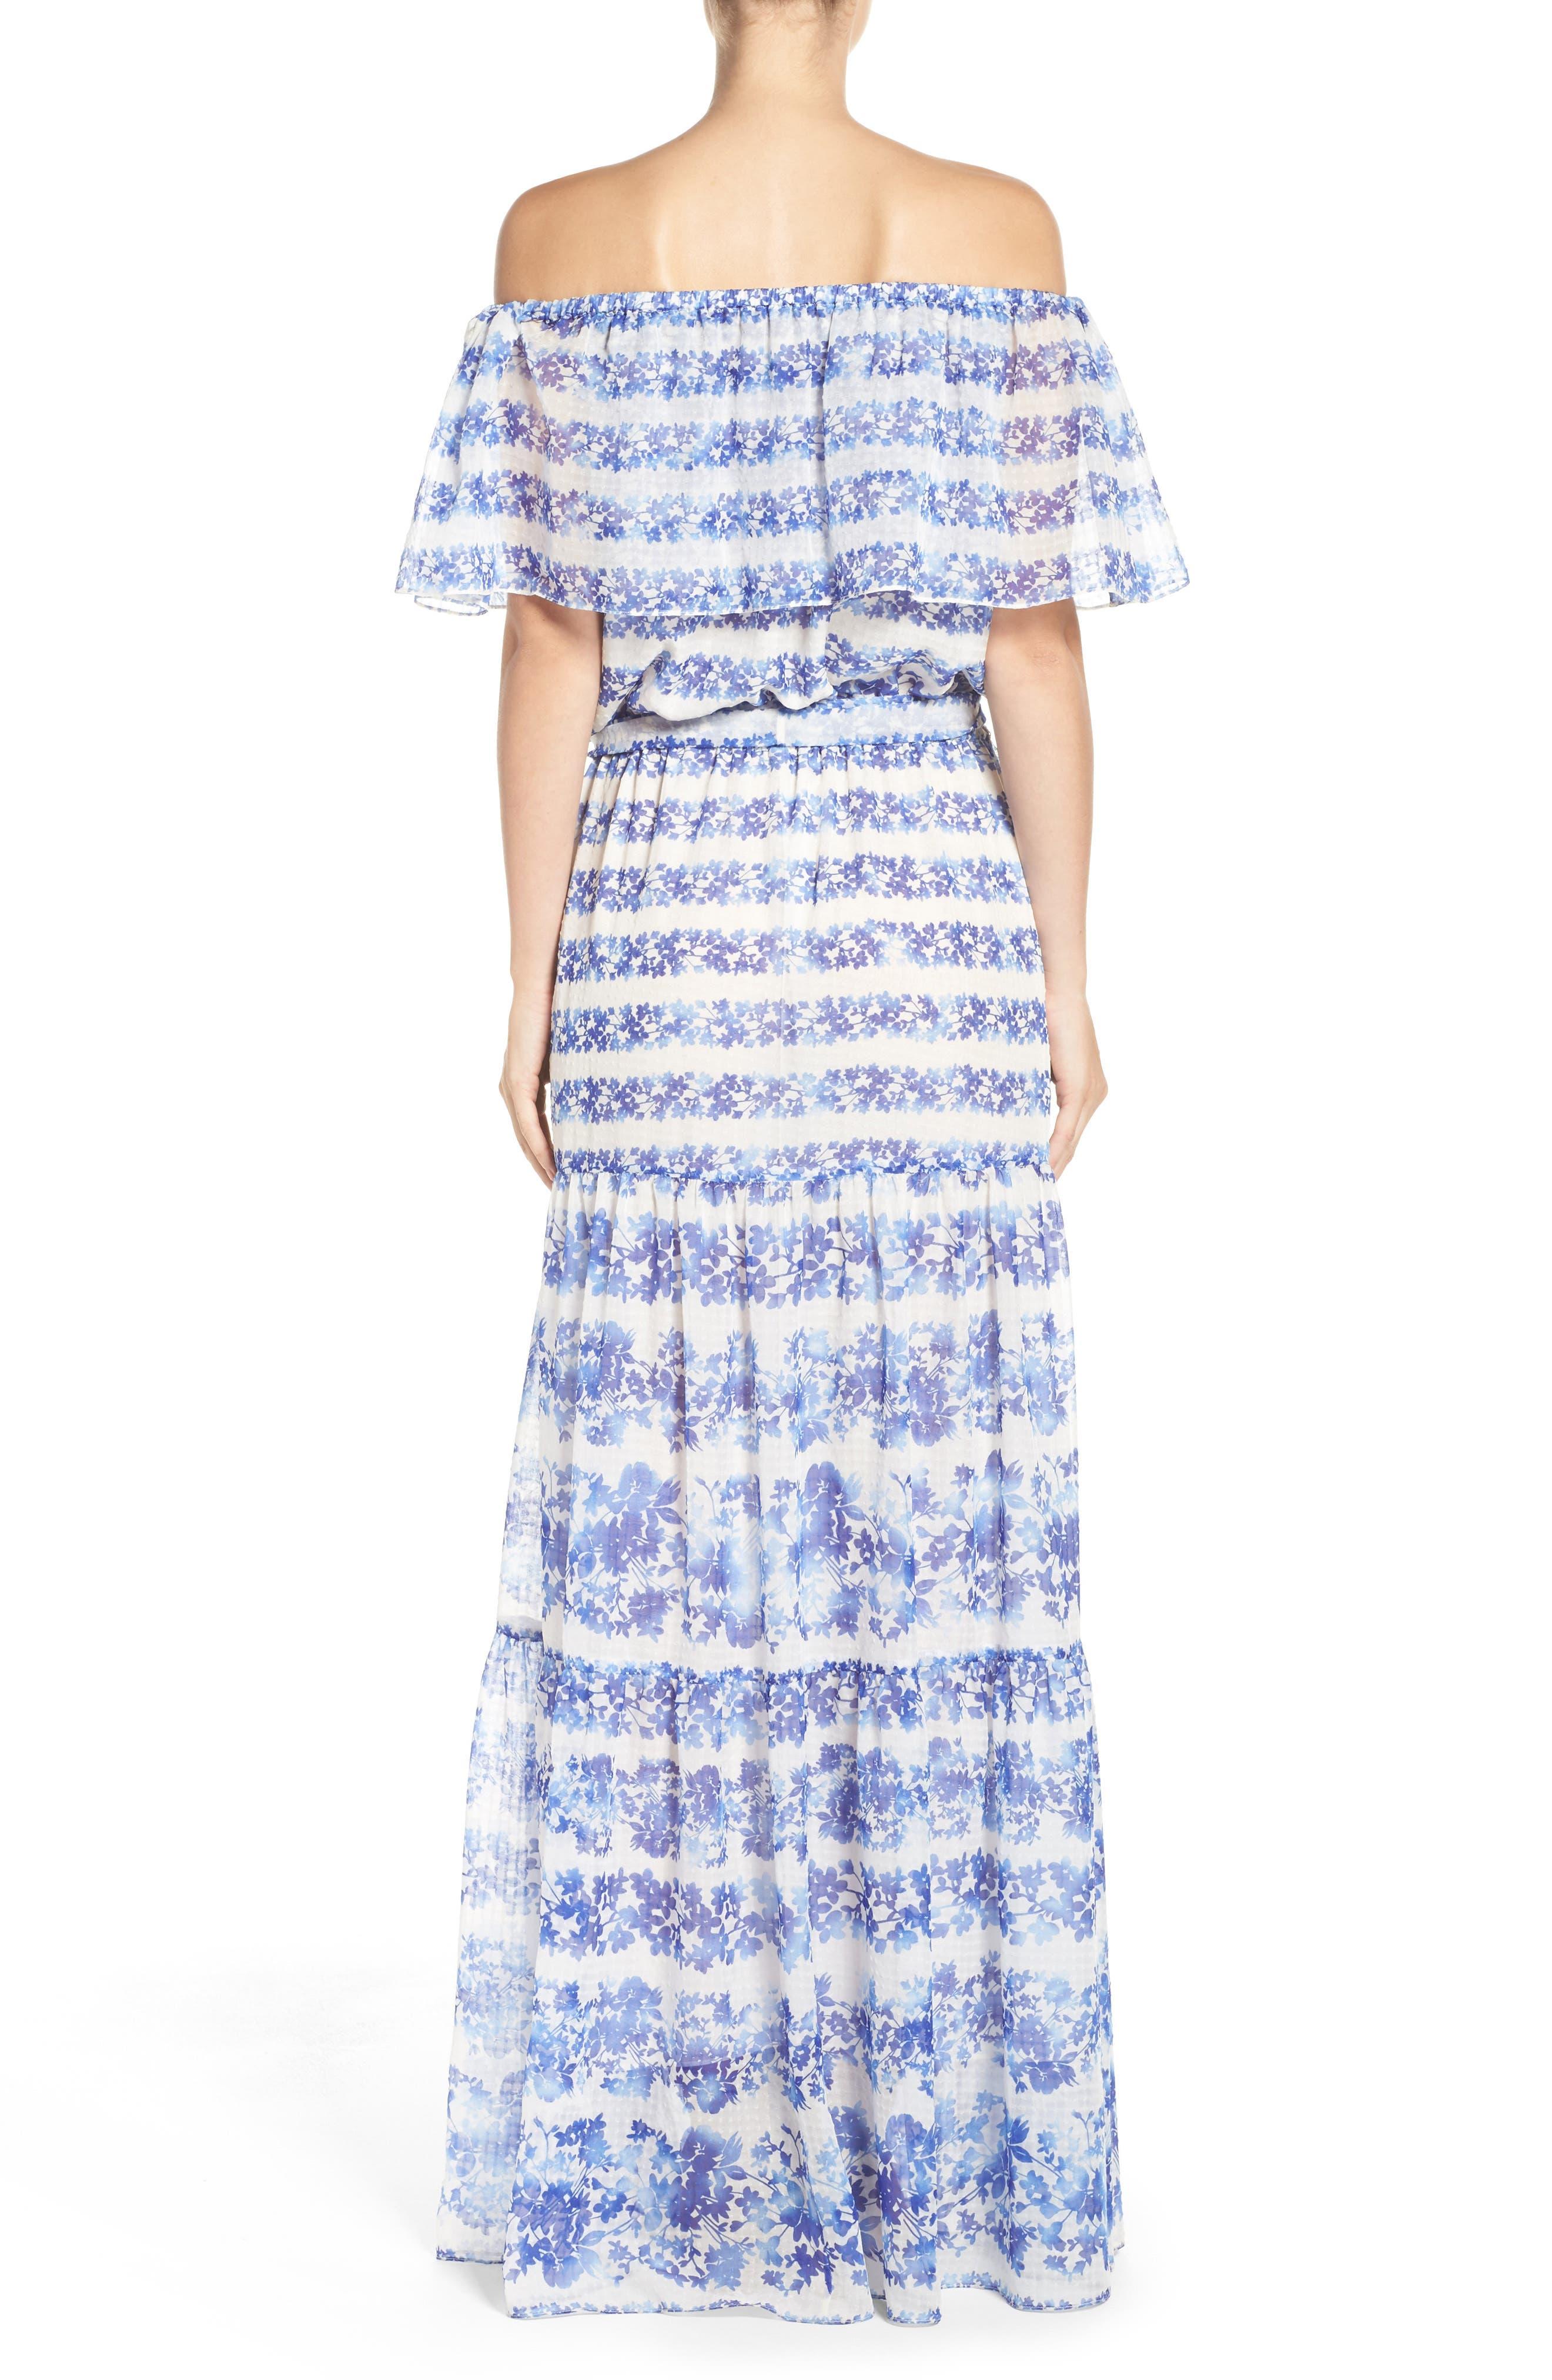 ELIZA J, Blouson Maxi Dress, Alternate thumbnail 2, color, 442